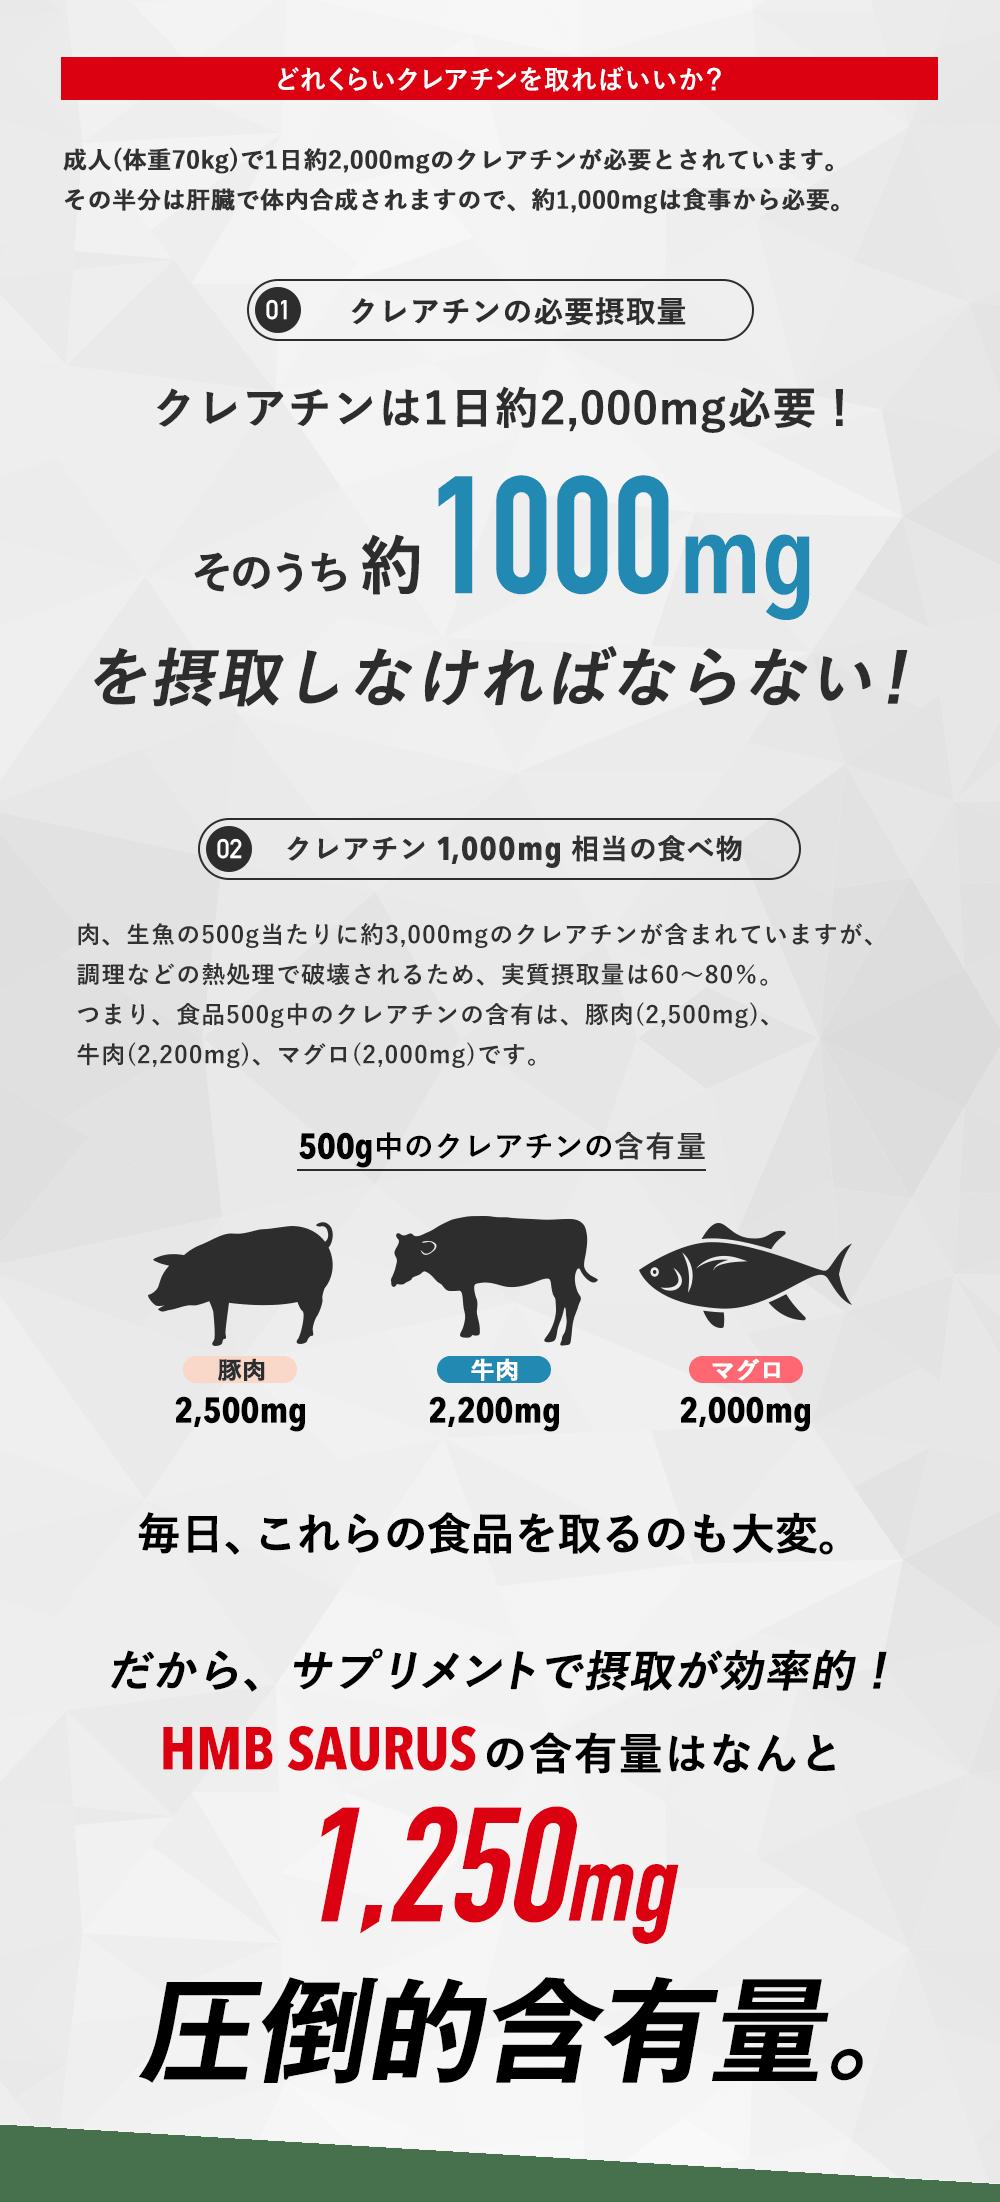 どれくらいクレアチンを取ればいいか?成人(体重70kg)で1日約2,000mgのクレアチンが必要とされています。その半分は肝臓で体内合成されますので、約1,000mgは食事から必要。クレアチンは1日約2,000mg必要!そのうち約1000mgを摂取しなければならない!クレアチン 1,000mg 相当の食べ物 肉、生魚の500g当たりに約3,000mgのクレアチンが含まれていますが、調理などの熱処理で破壊されるため、実質摂取量は60~80%。つまり、食品500g中のクレアチンの含有は、豚肉(2,500mg)、牛肉(2,200mg)、マグロ(2,000mg)です。毎日、これらの食品を取るのも大変。だから、サプリメントで摂取が効率的!HMBSAURUSのの含有量はなんと1,250mg!圧倒的含有量。